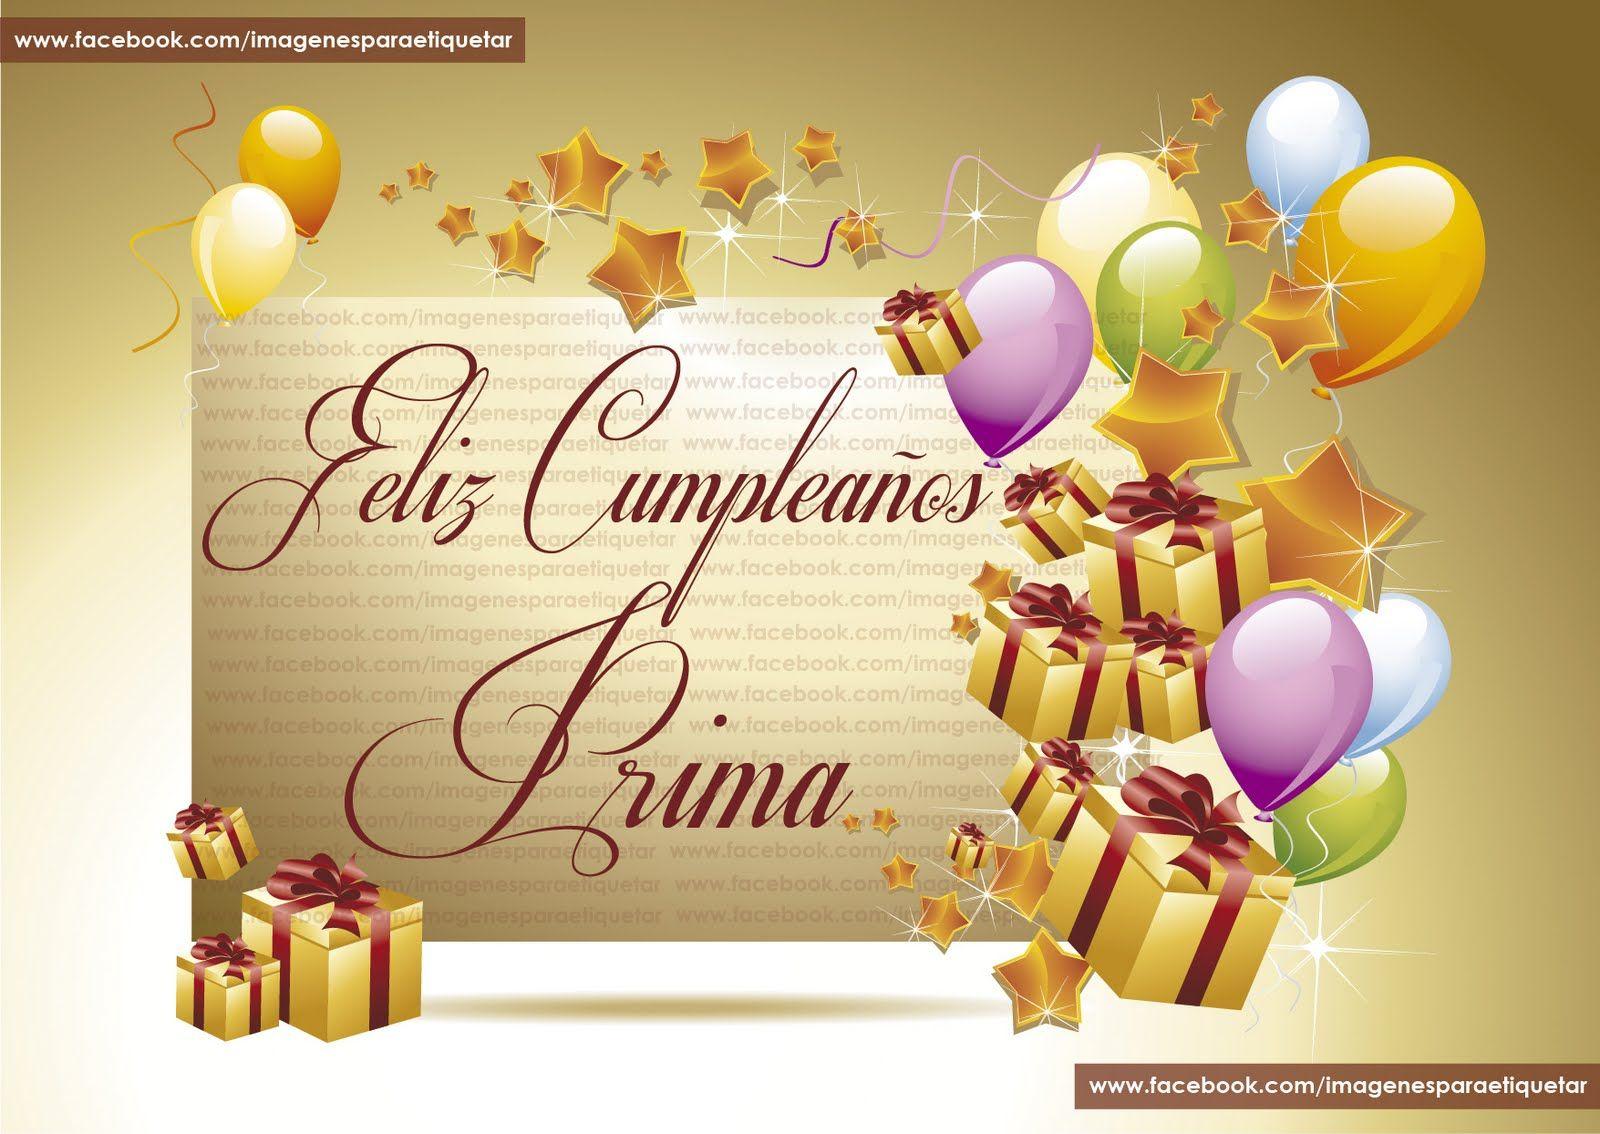 Felicitaciones de cumpleaños parauna prima feliz cumpleaños prima feliz 2bcumplea 25c3 2591os